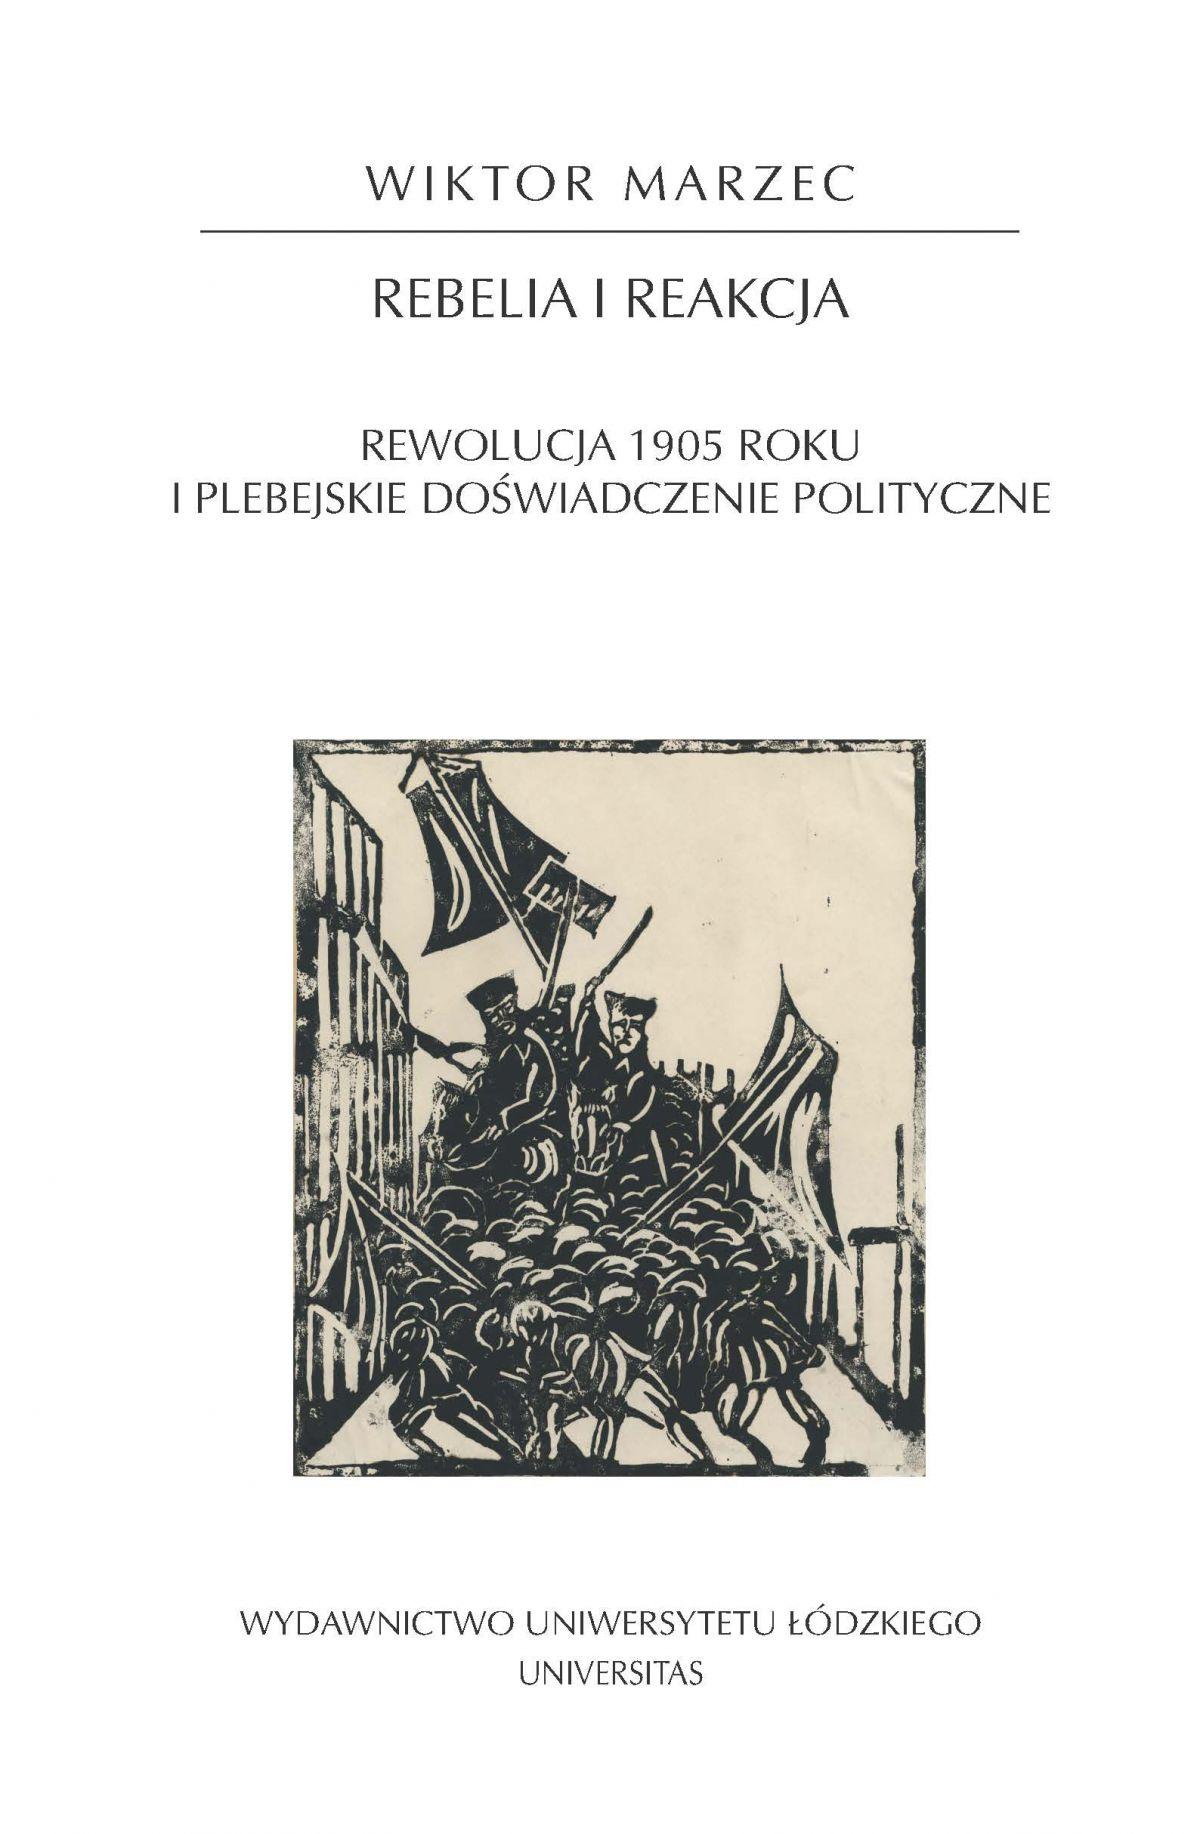 Rebelia i reakcja. Rewolucja 1905 roku i plebejskie doświadczenie polityczne - Ebook (Książka PDF) do pobrania w formacie PDF